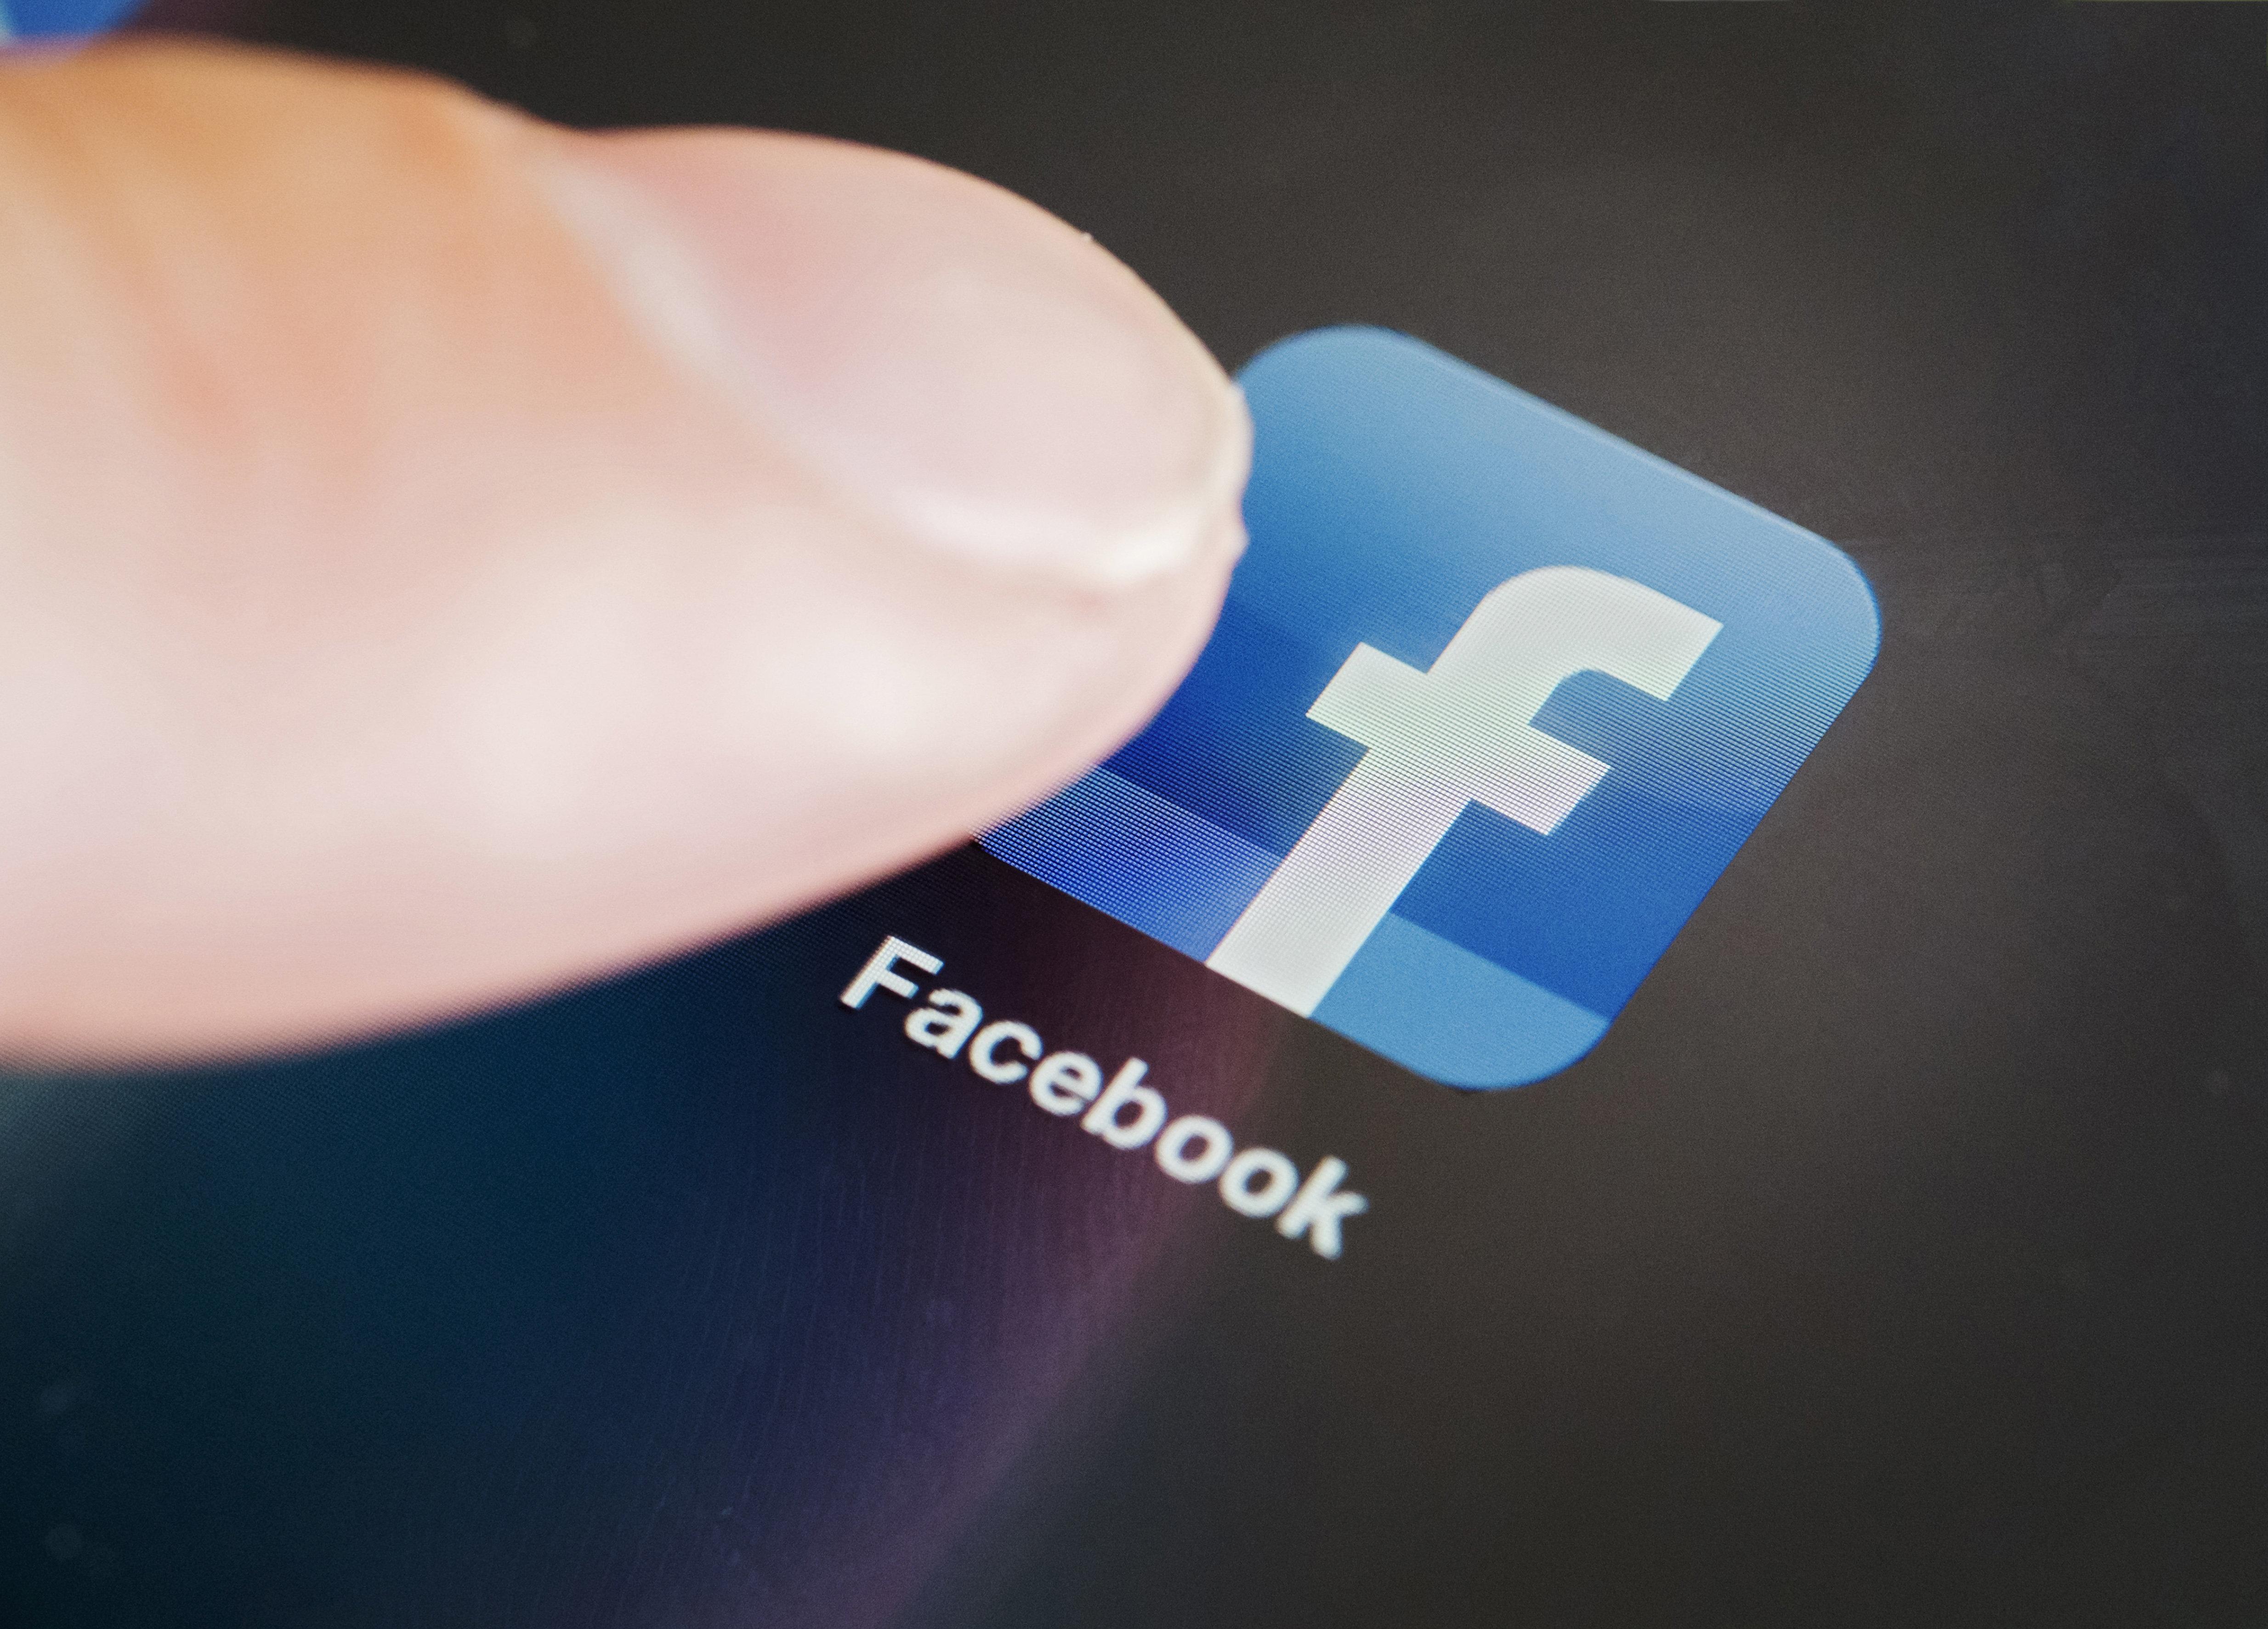 페이스북이 '비공감' 버튼 테스트를 하고 있다고